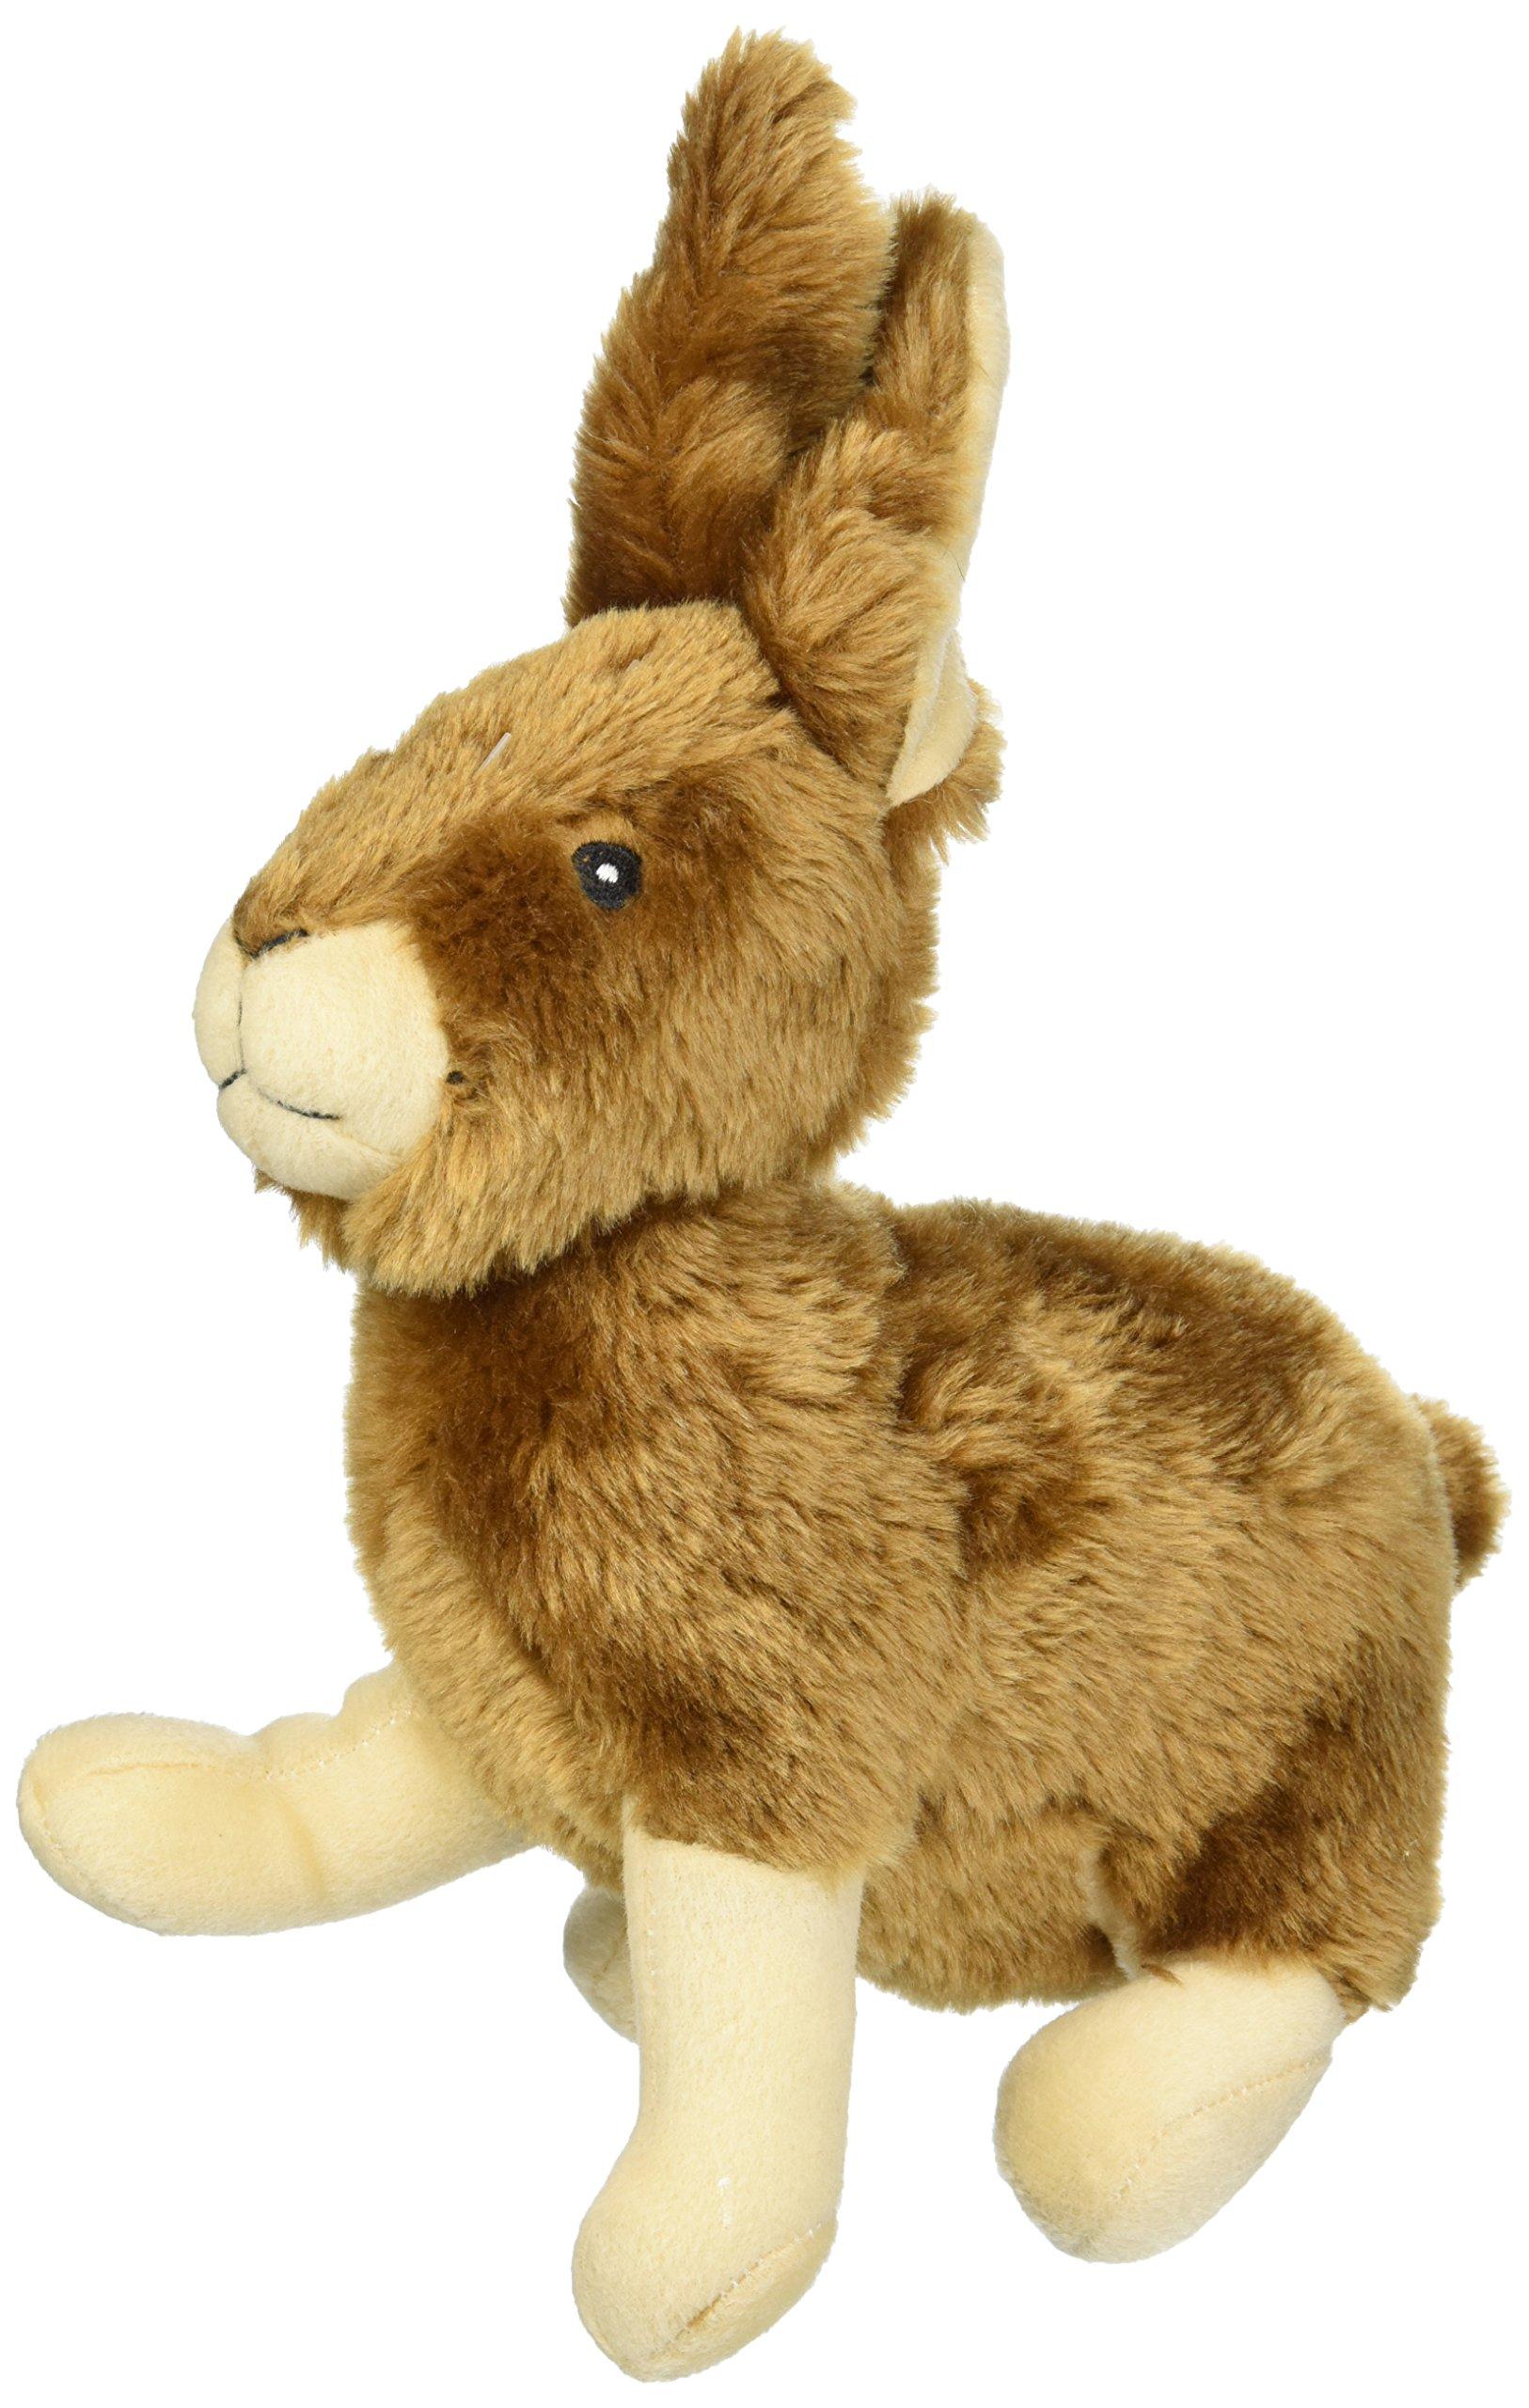 Ethical Pet Woodland Series 8.5-Inch Rabbit Plush Dog Toy, Large